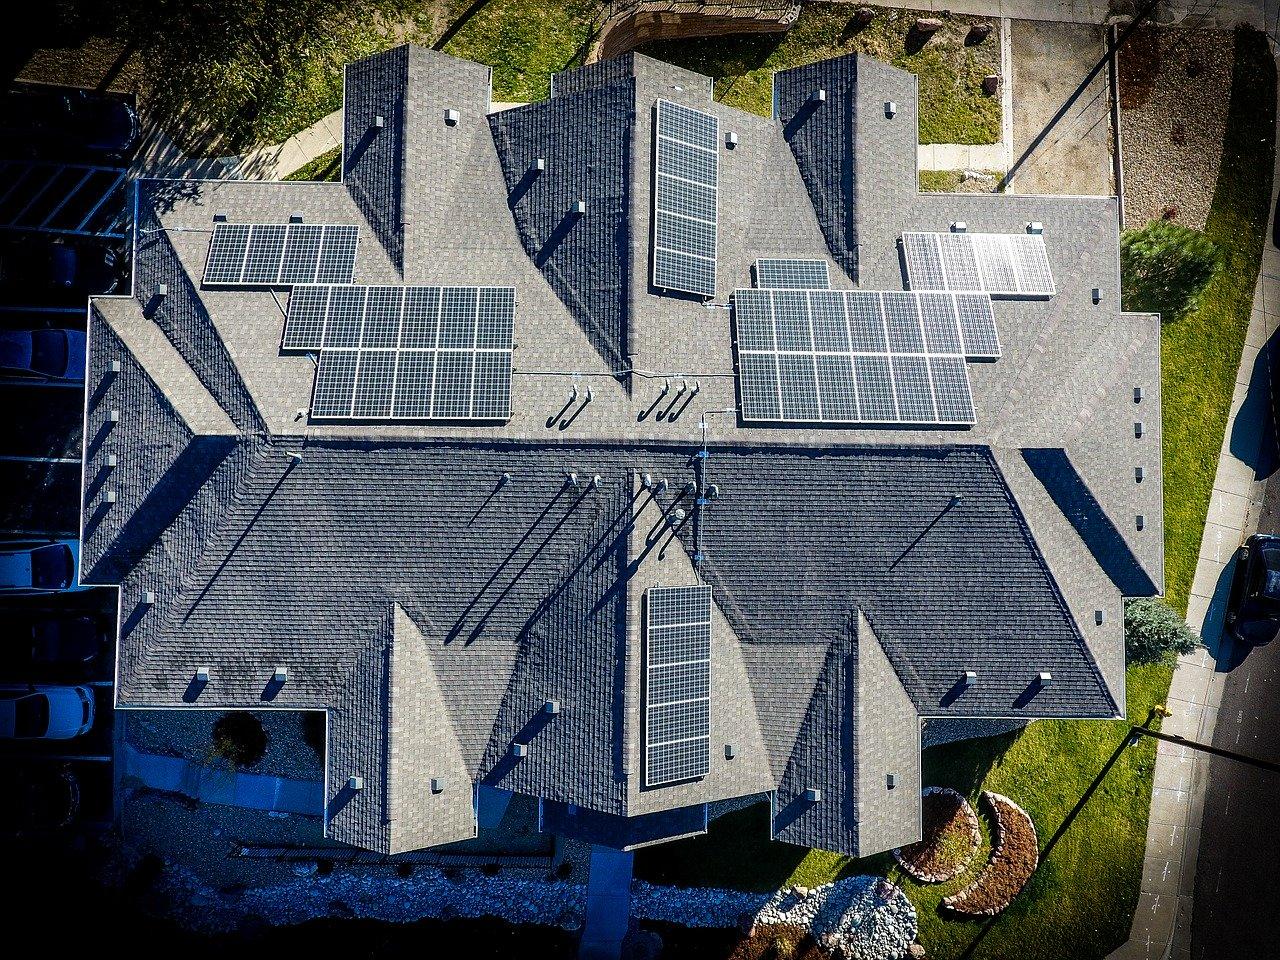 מערכות אנרגיה סולארית – כמה זה יעלה לכם?